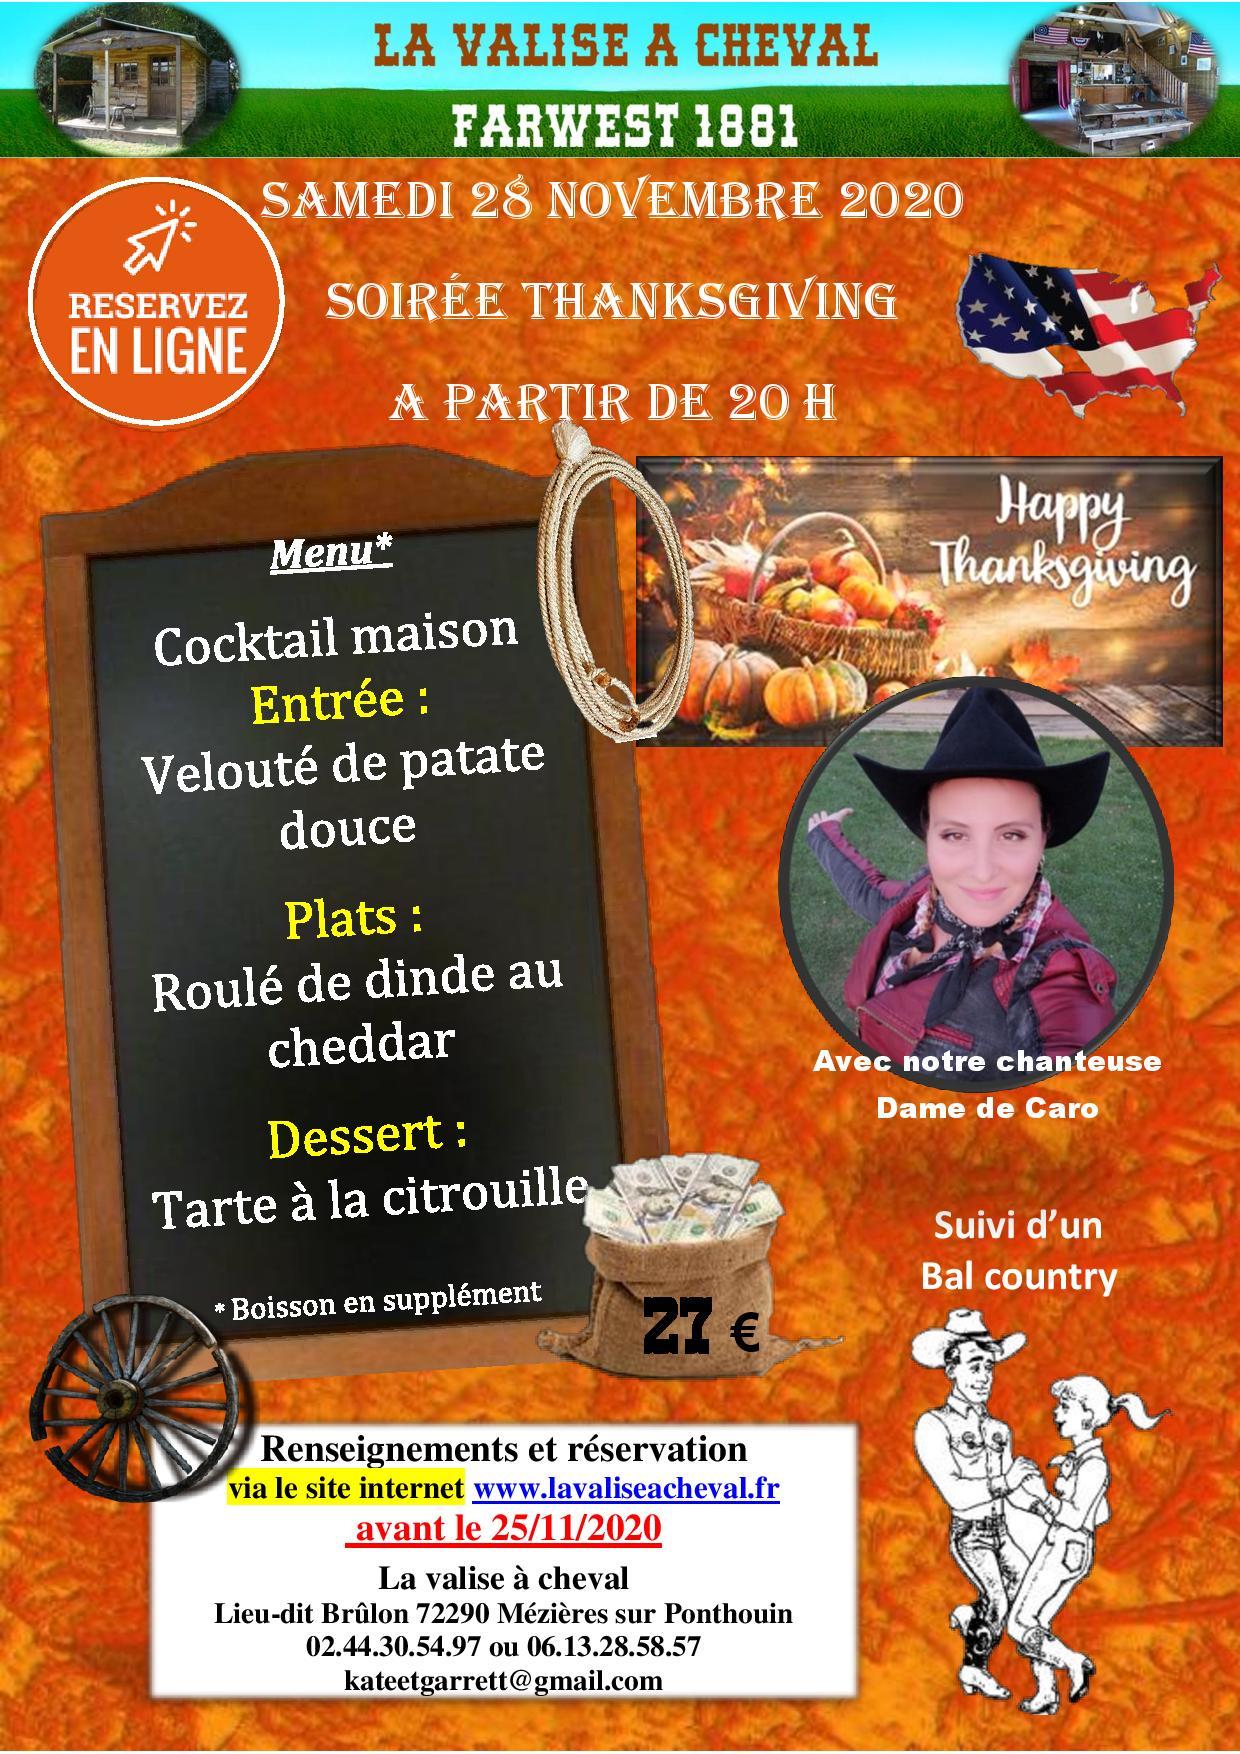 Soirée Thanksgiving samedi 28 novembre 2020